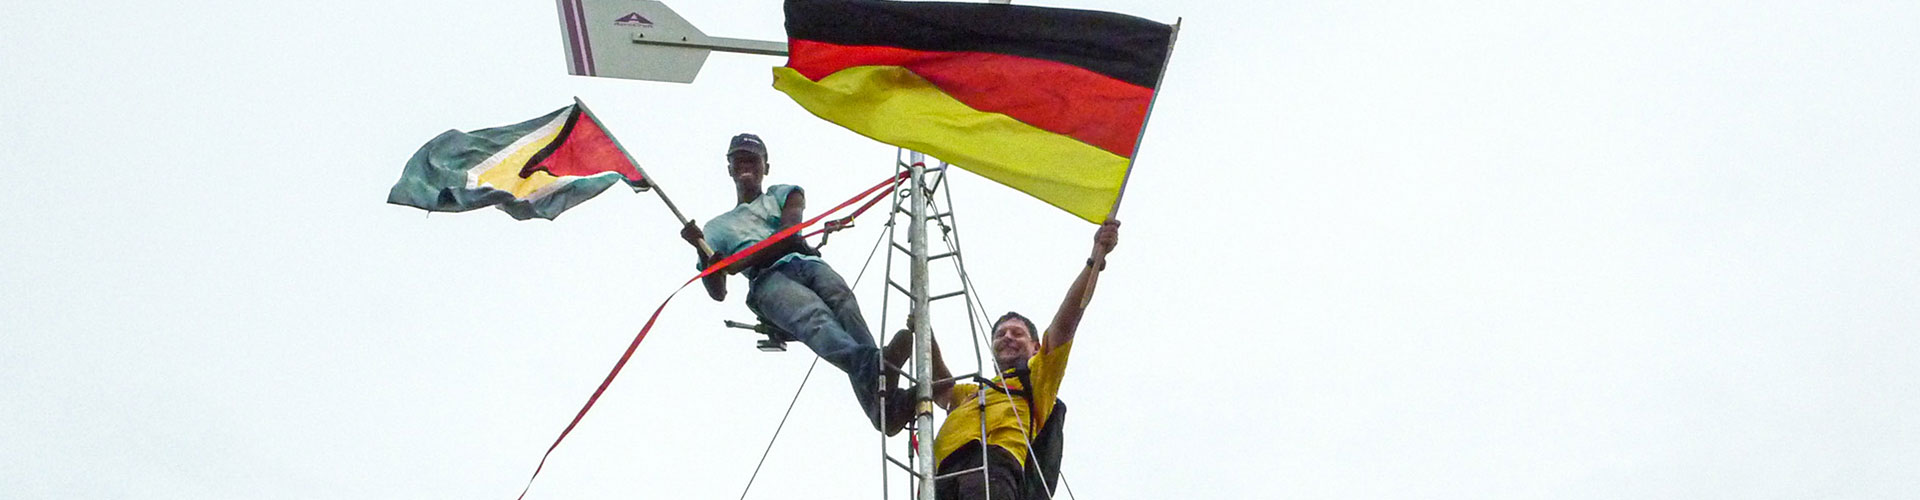 Foto: weißer Mann mit deutscher Nationalflagge und schwarze Frau mit guyanischer Nationalflagge auf einem Mast